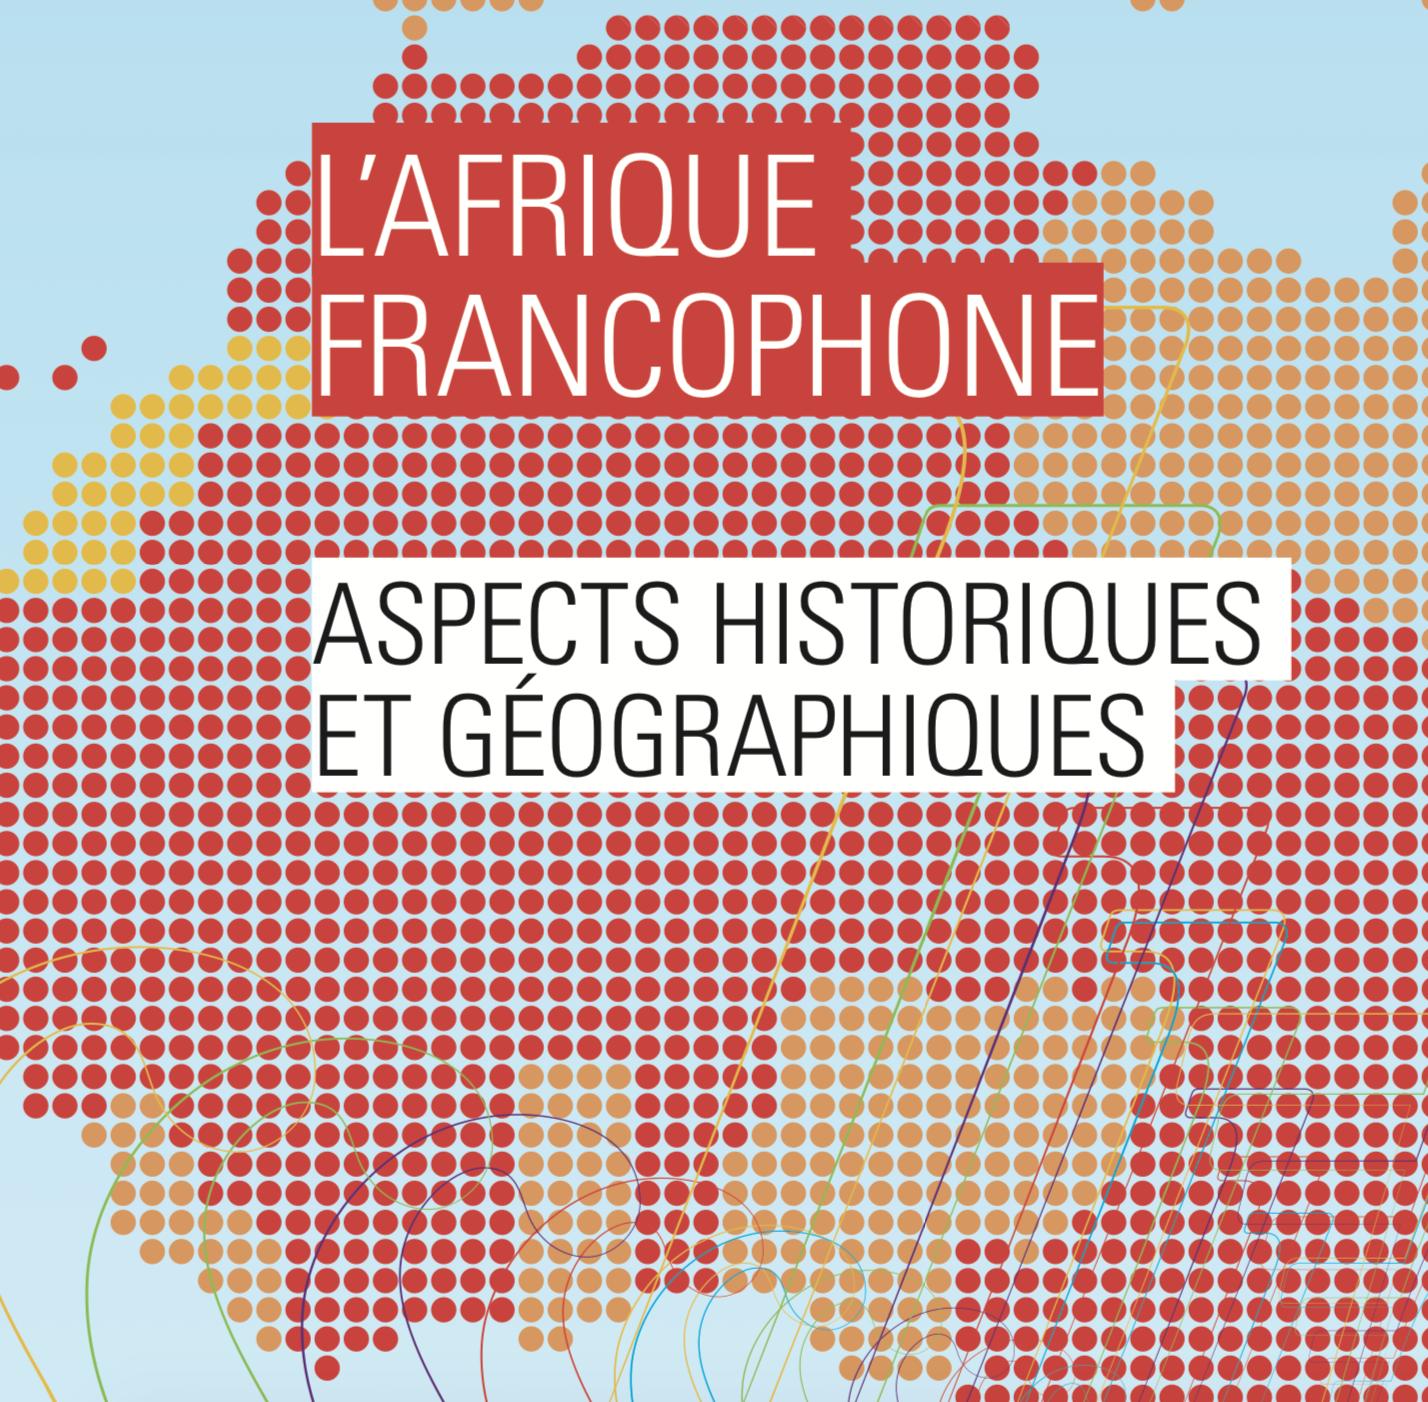 Preview image for LOM object L' Afrique francophone: aspects historiques et géographiques